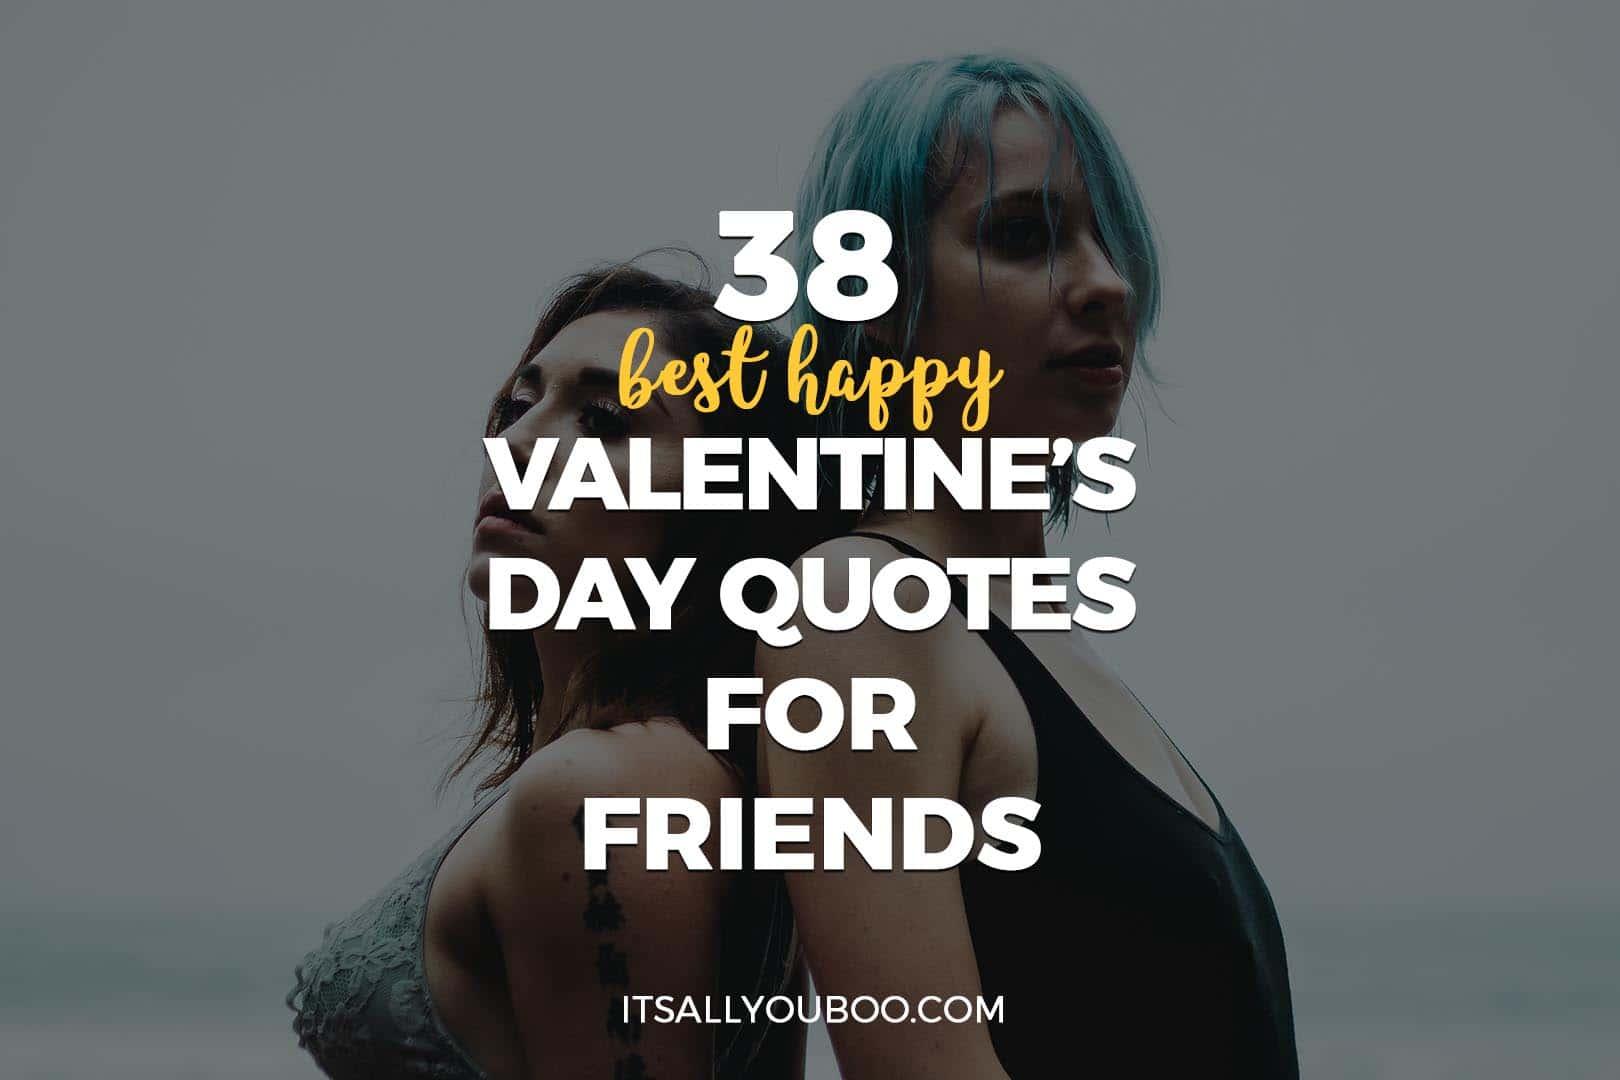 38 Best Happy Valentine's Day Quotes